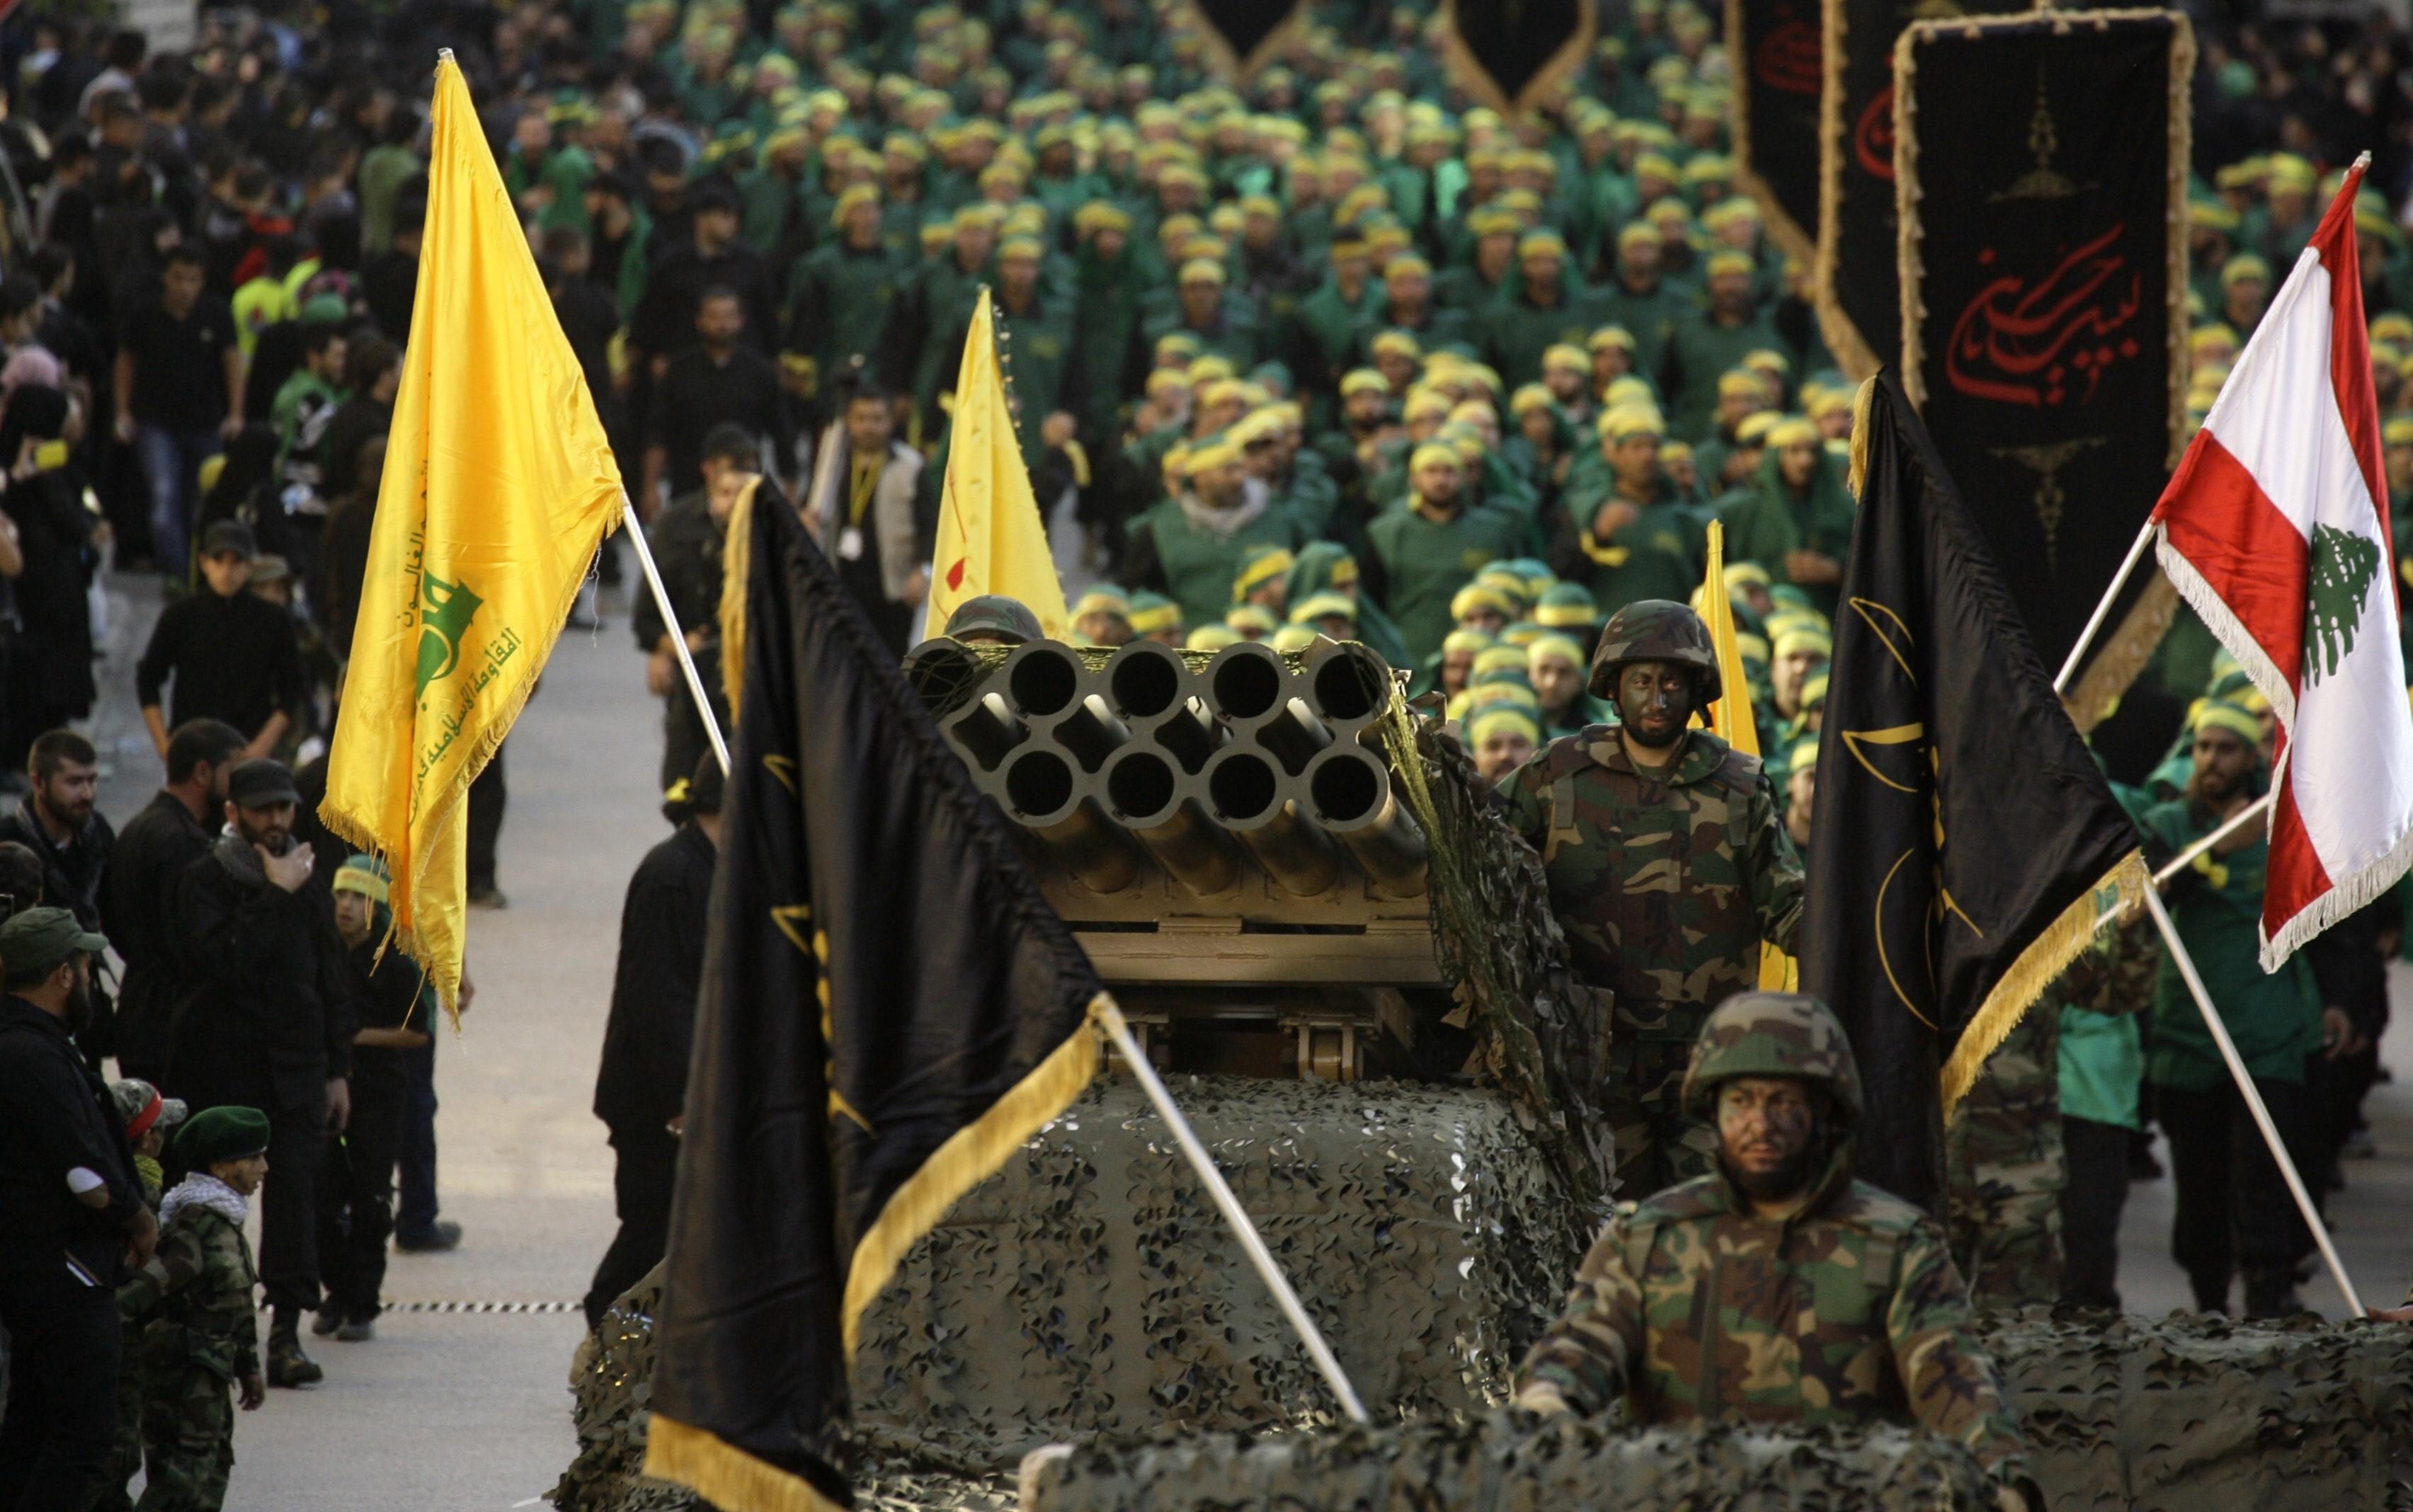 حزب الله: المقاومة متمسكة بتحرير فلسطين بالكامل